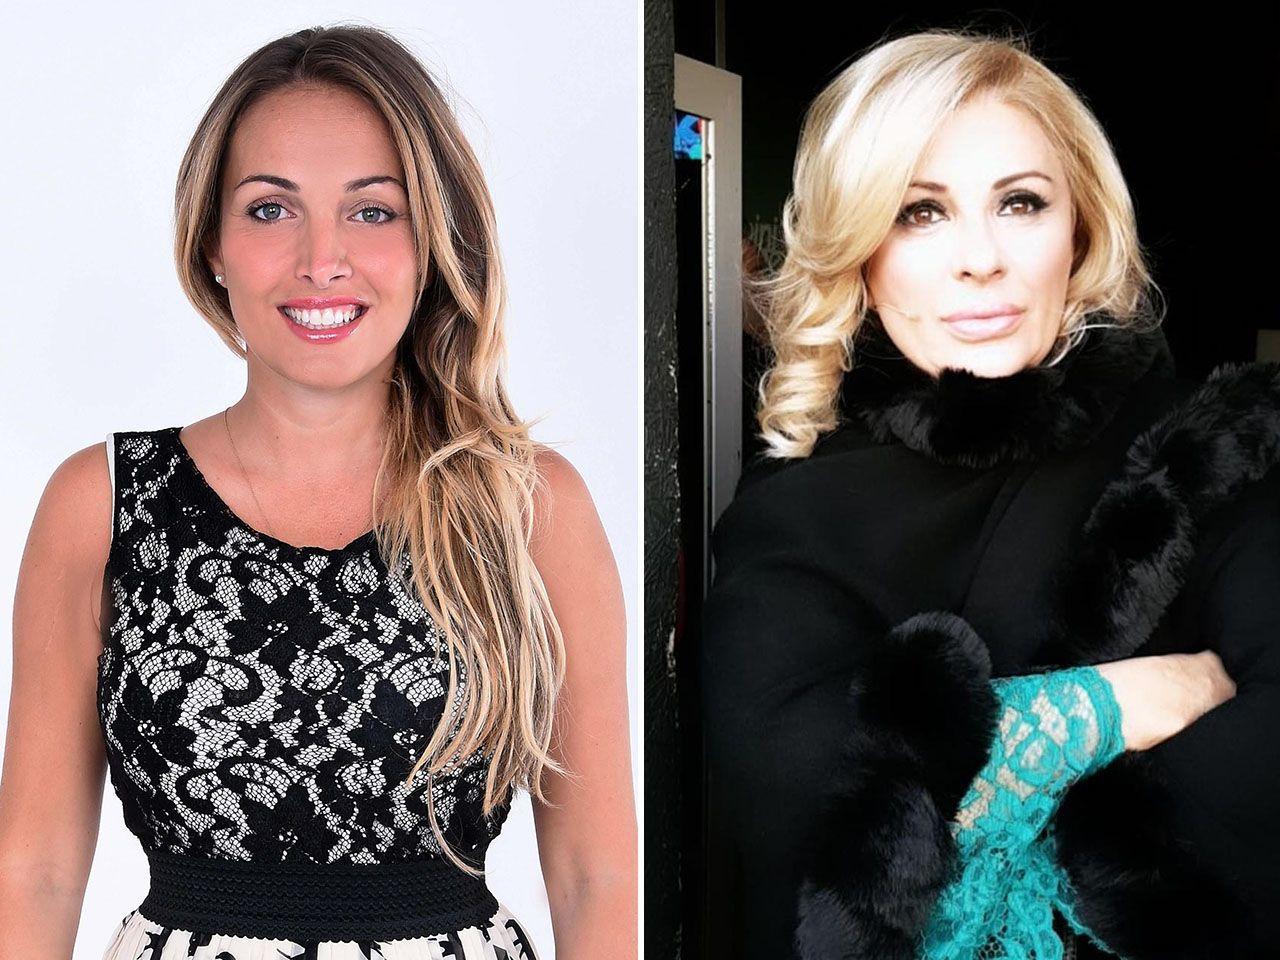 'Tina Cipollari: 5000 euro al mese per fare la cafona'. L'accusa di una ex tronista